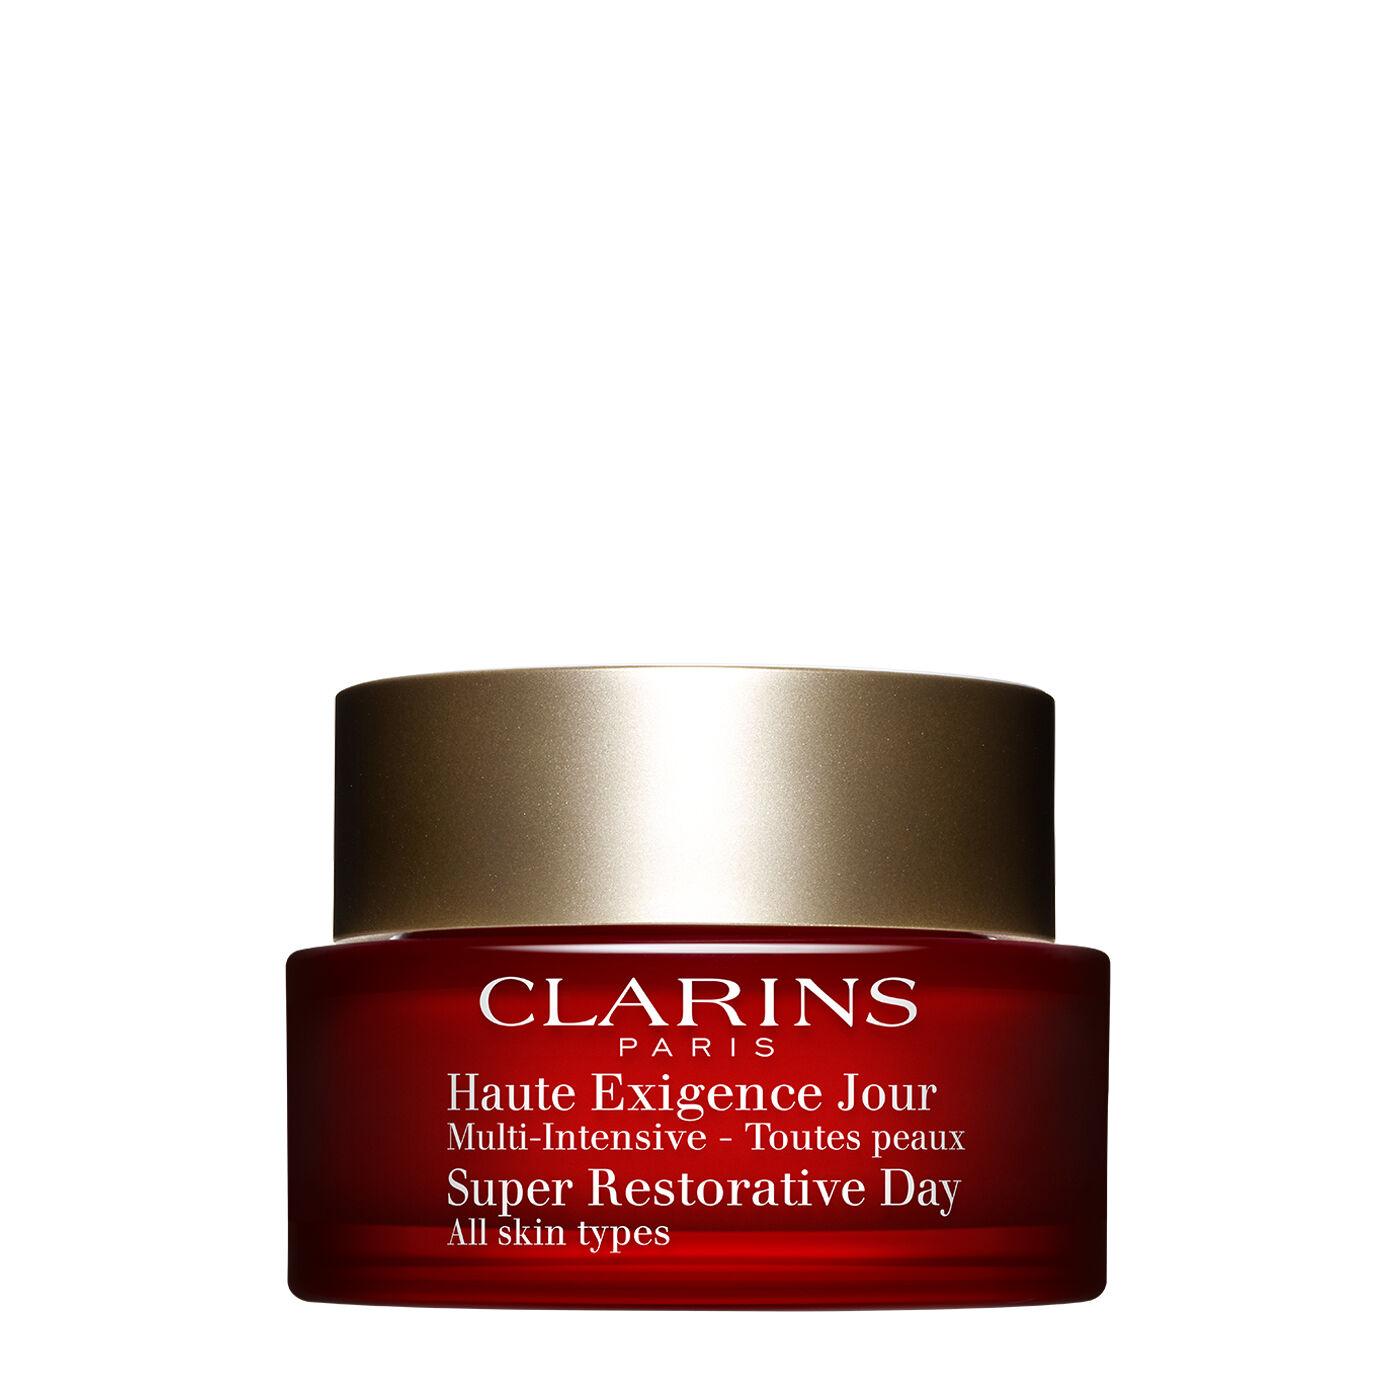 clarins face cream